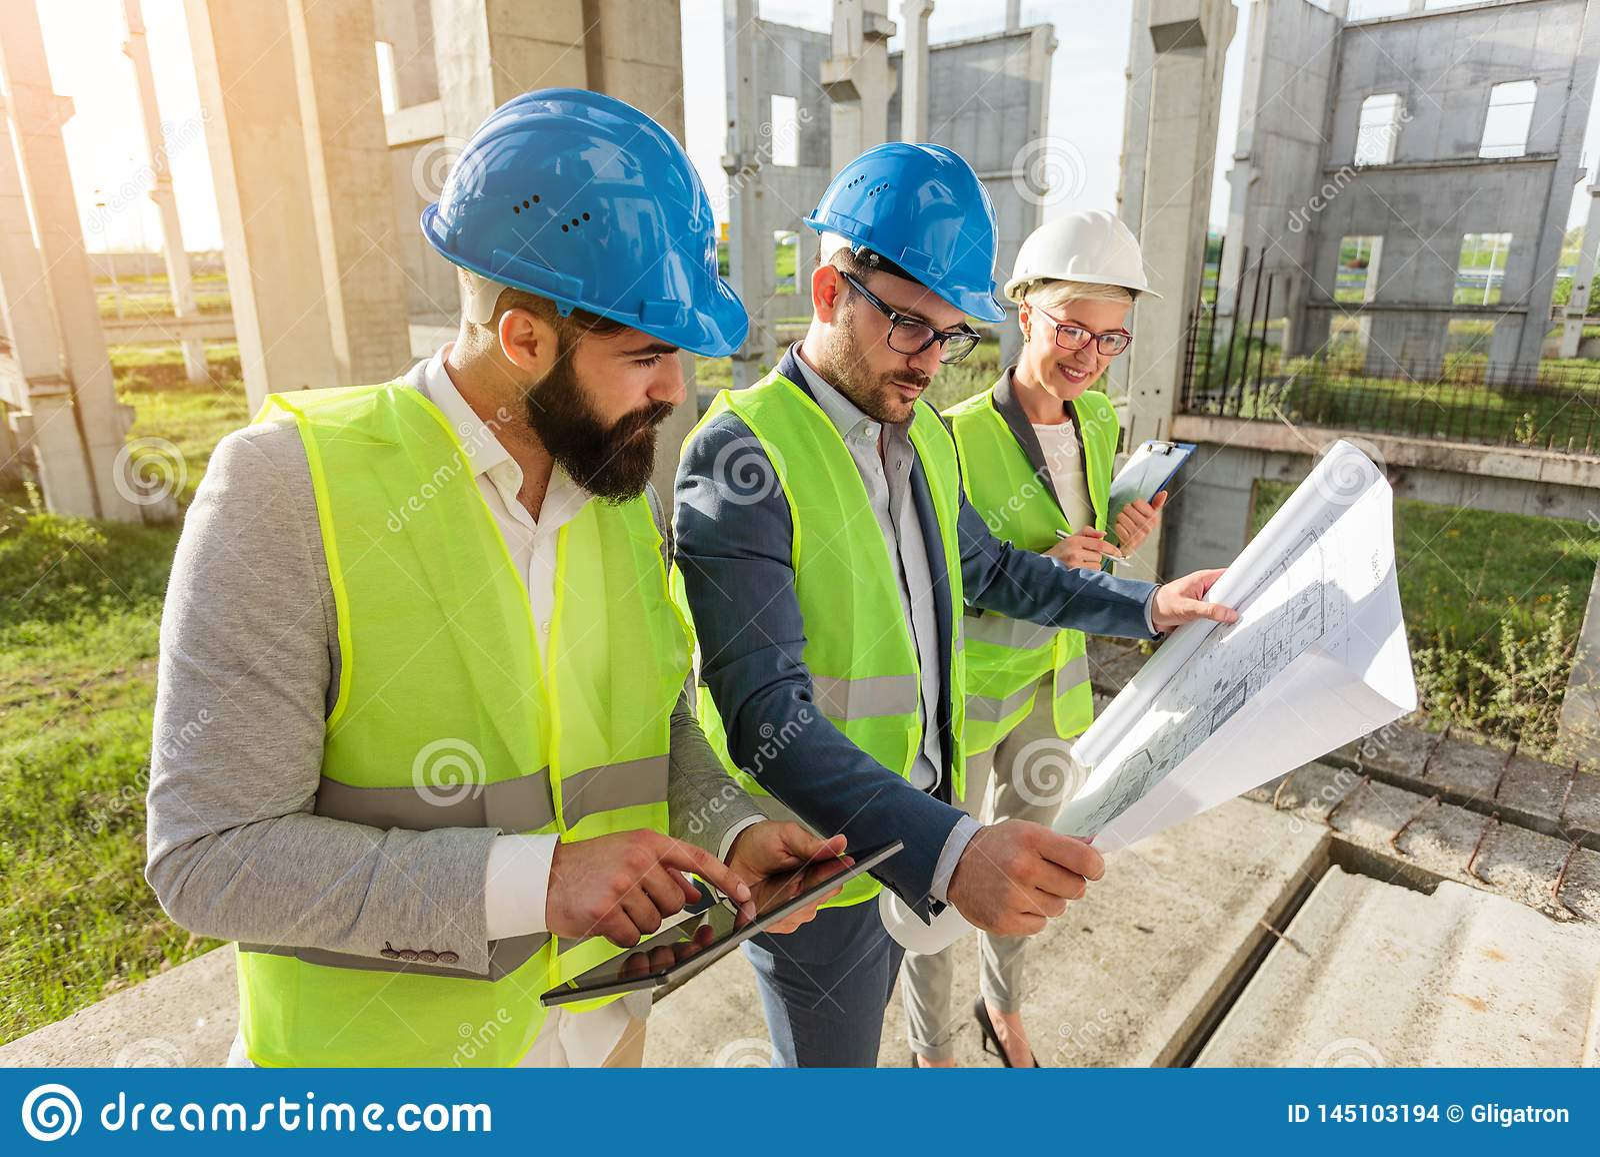 混合群年轻建筑师和土木工程师或者见面在一大工地工作的商务伙伴